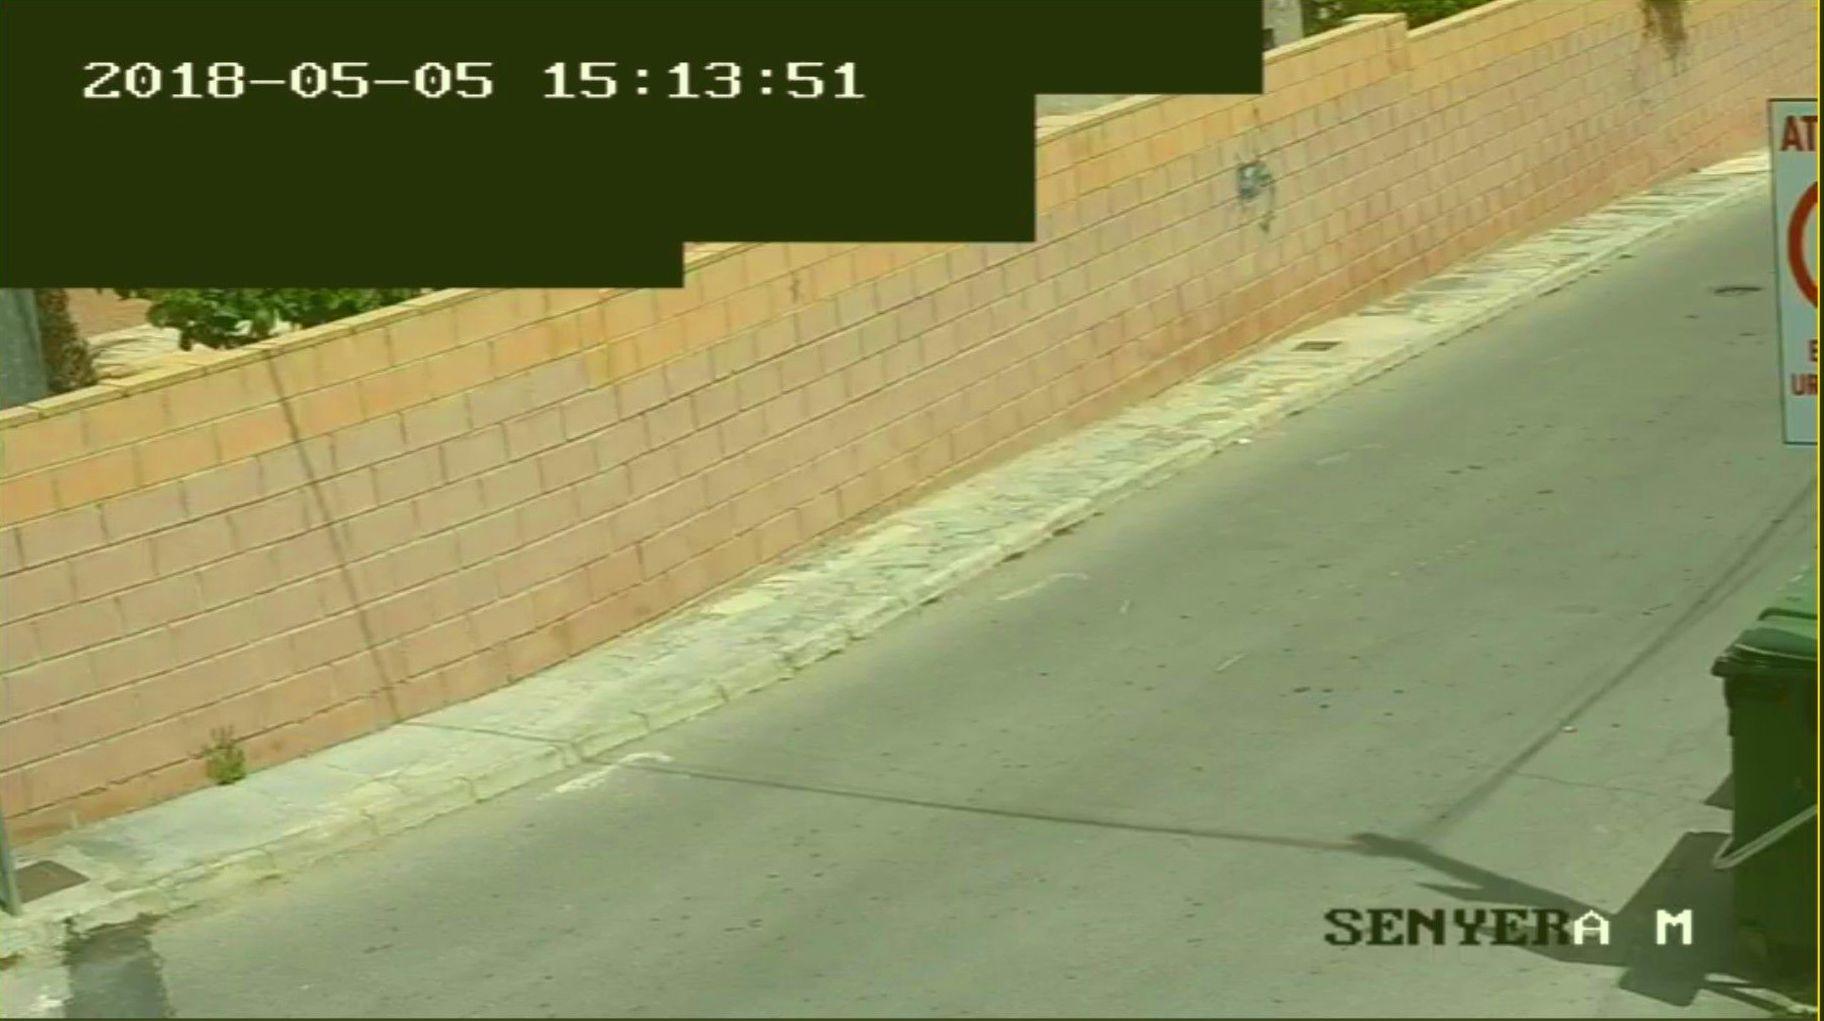 Foto 3 de Sistemas de seguridad en Alicante | Securiman